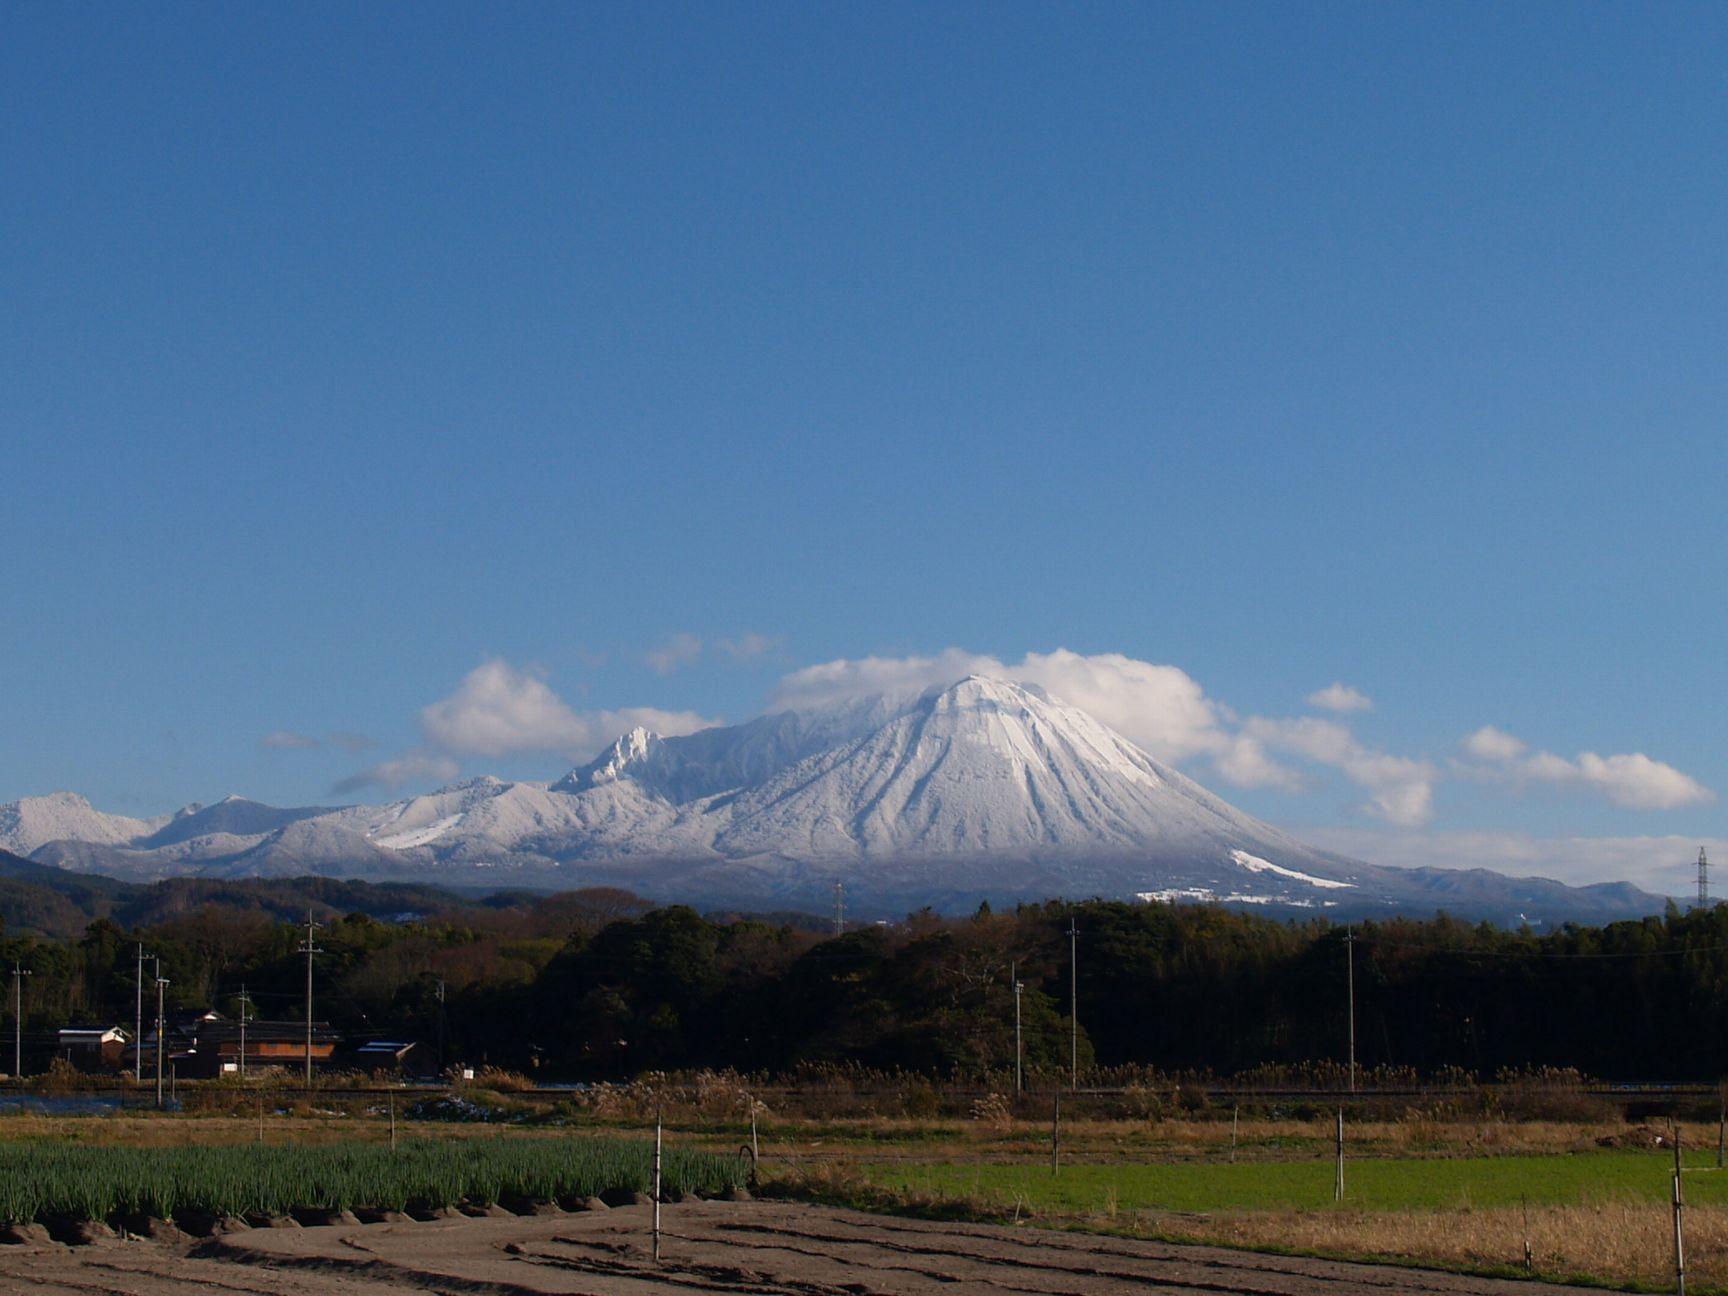 雪を纏う大山の連なり